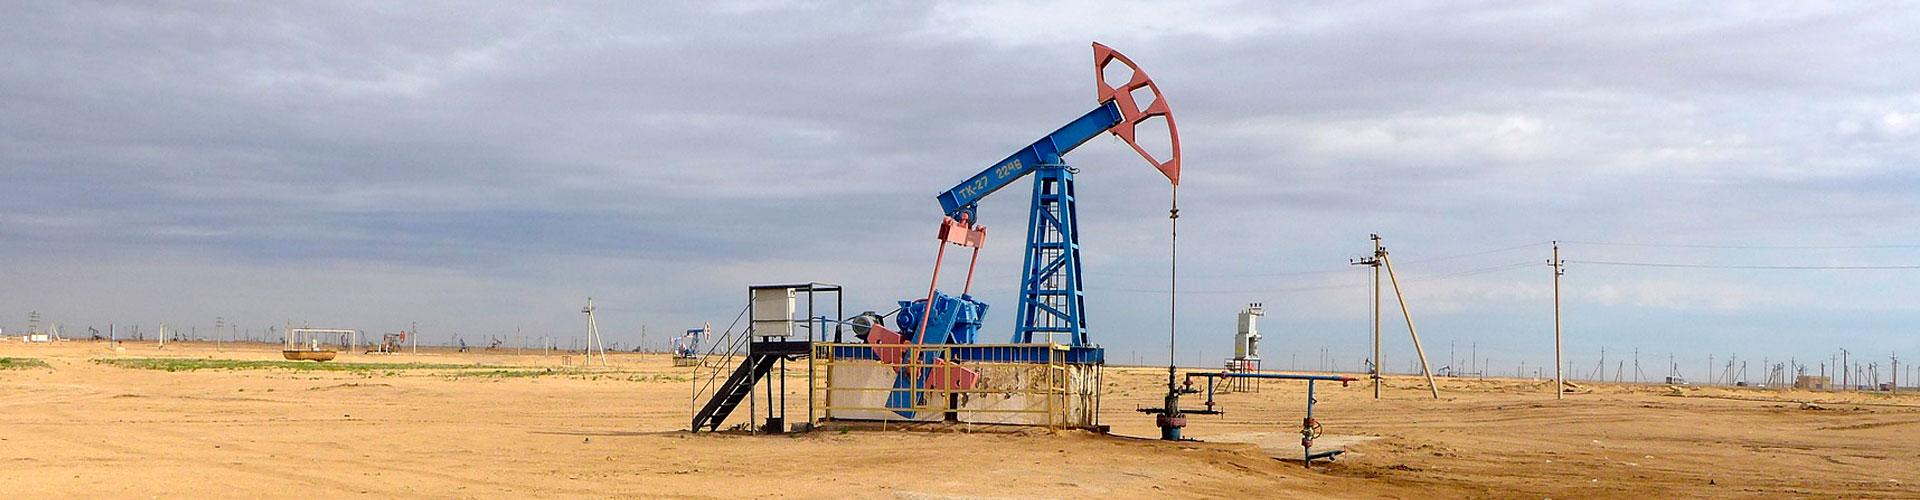 Instalación de gas y productos petrolíferos